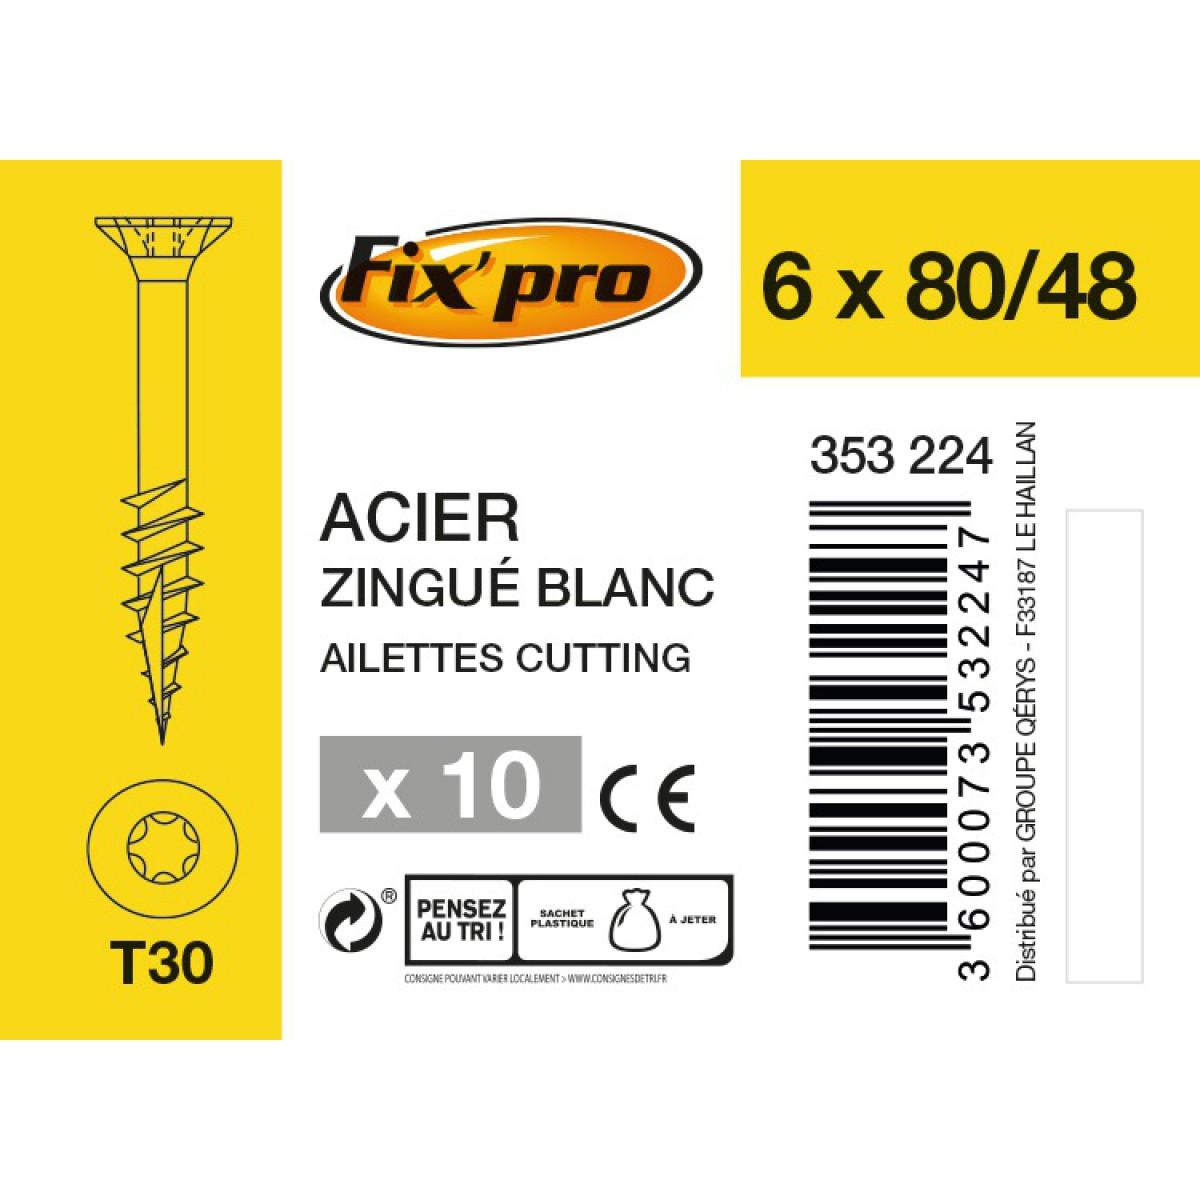 Vis à bois tête fraisée TX - 6x80/48 - 10pces - Fixpro